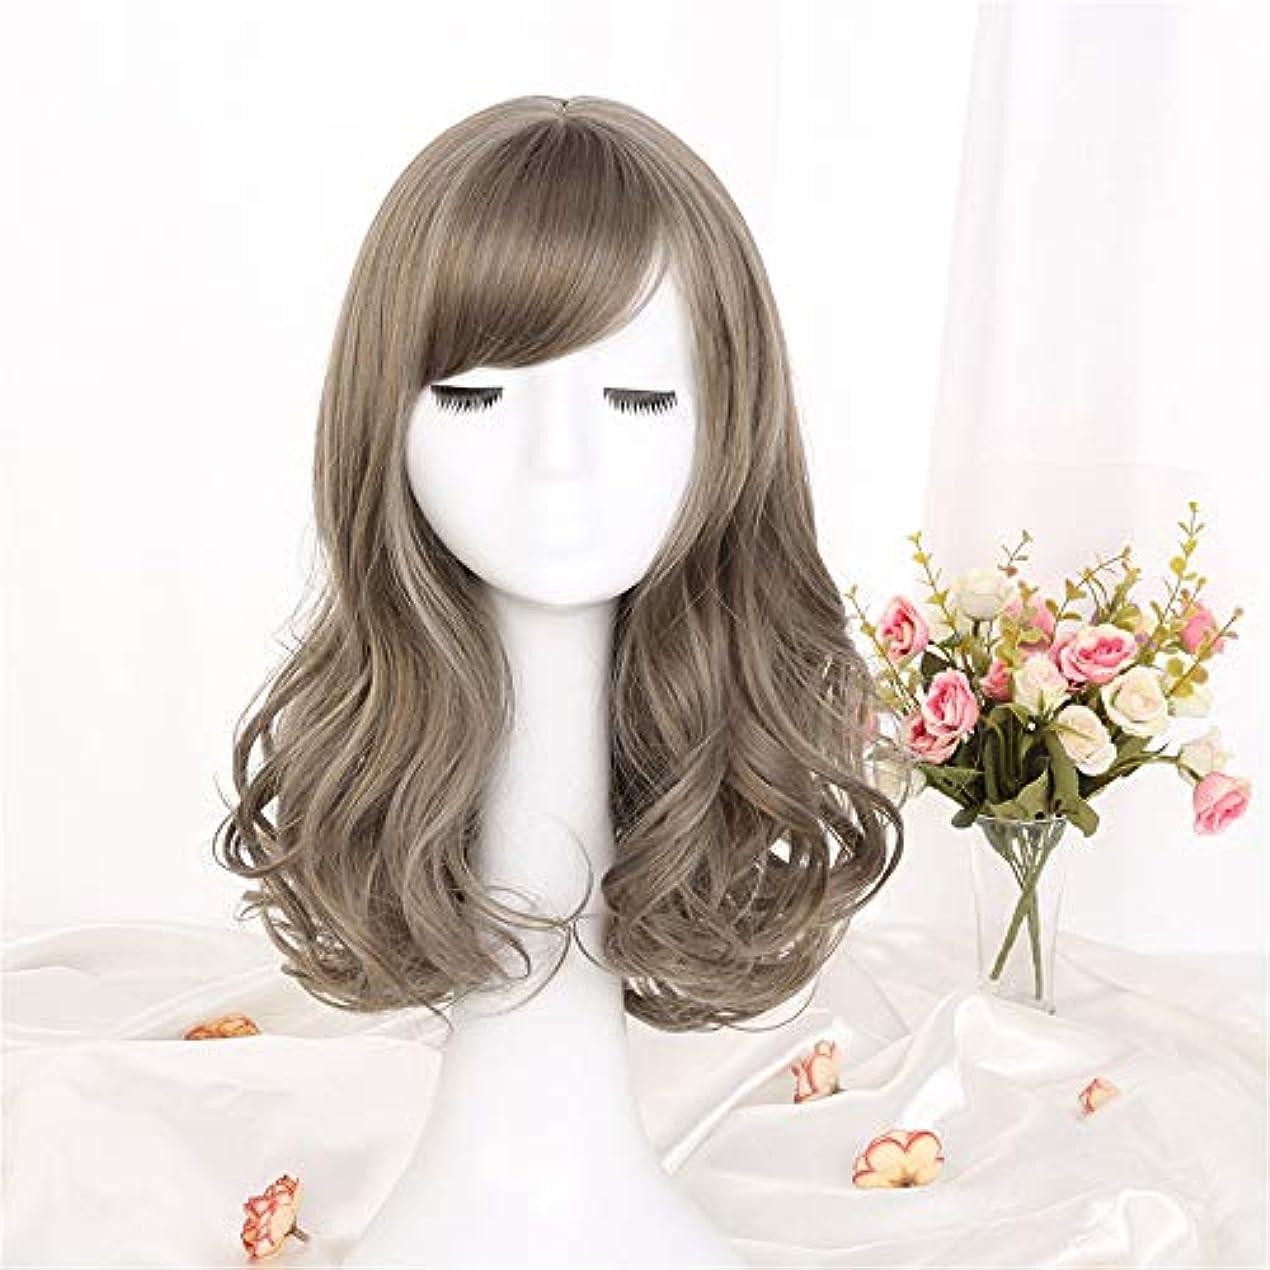 小切手乱れ聖歌ウィッグ髪化学繊維フードミディアム長波高温合成繊維ウィッグ女性用ウィッググリーンウッドリネンアッシュ42cm